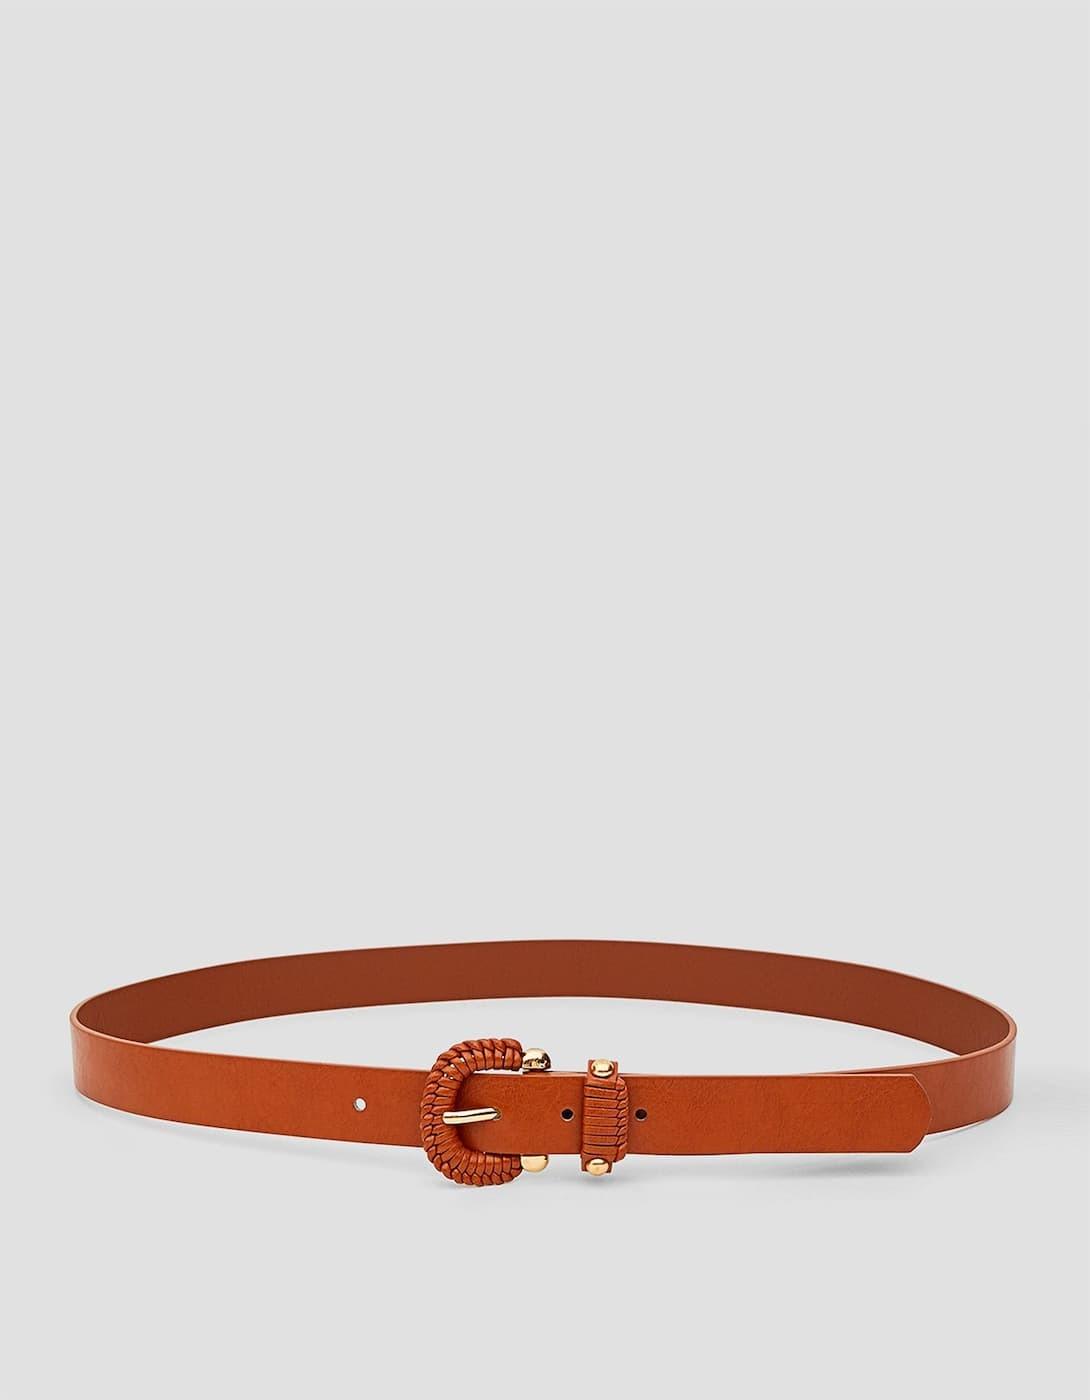 Cinturón hebilla trenzada de Stradivarius (7,99 euros)